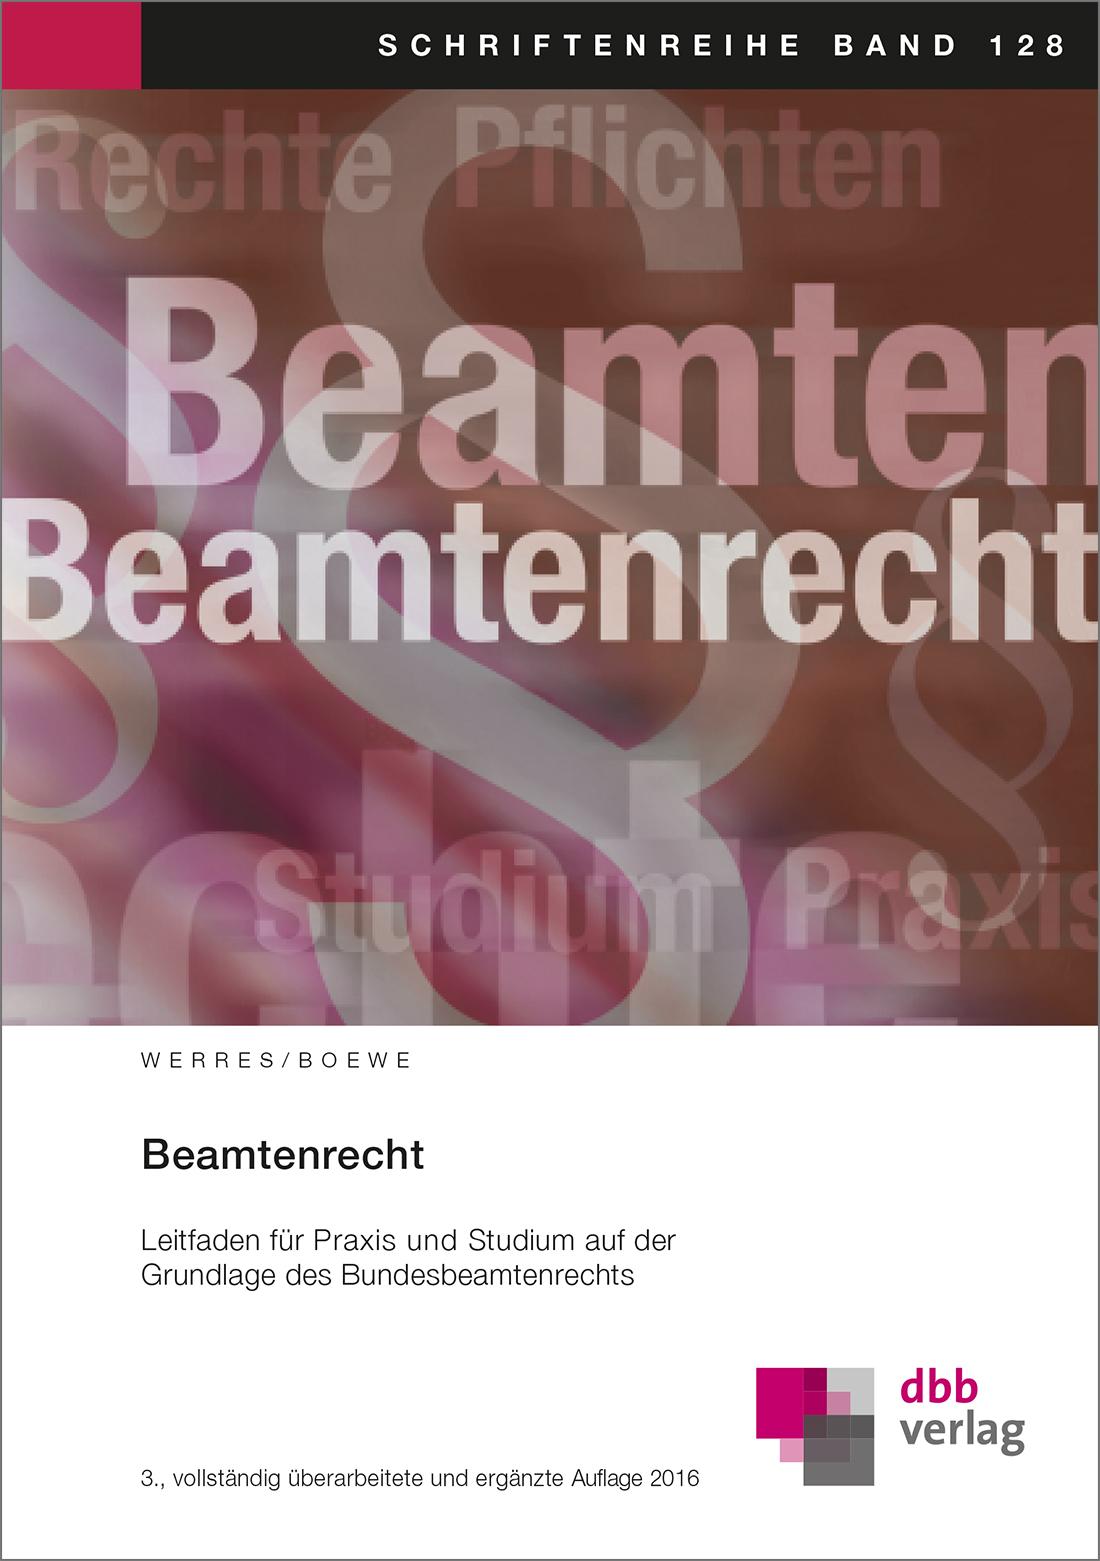 Beamtenrecht © DBB Verlag GmbH